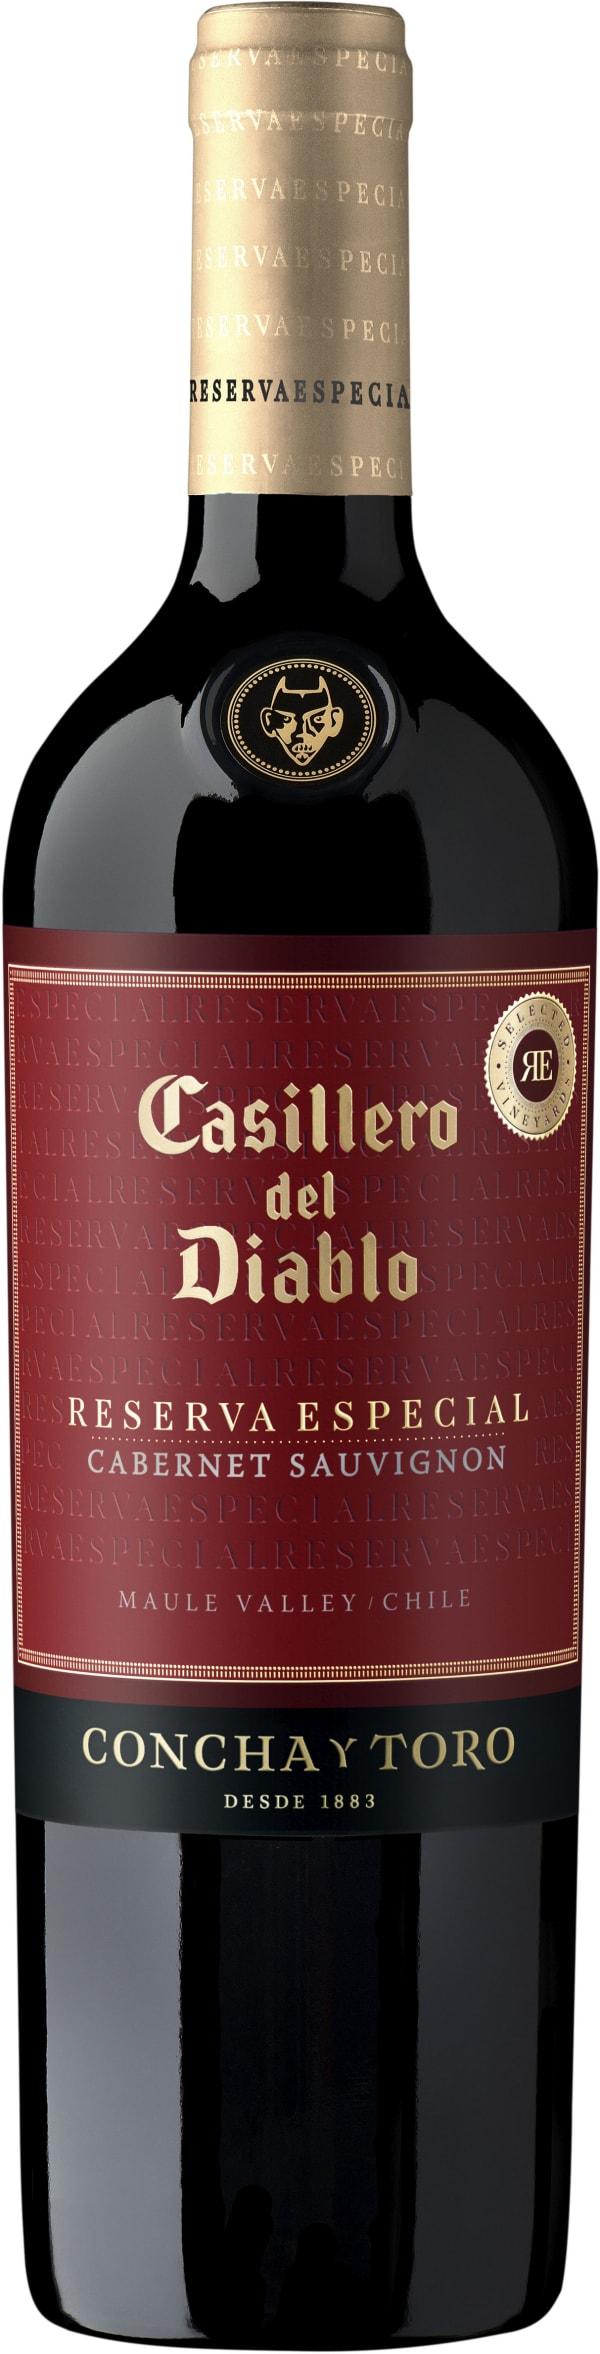 Casillero del Diablo Reserva Especial Cabernet Sauvignon 2017